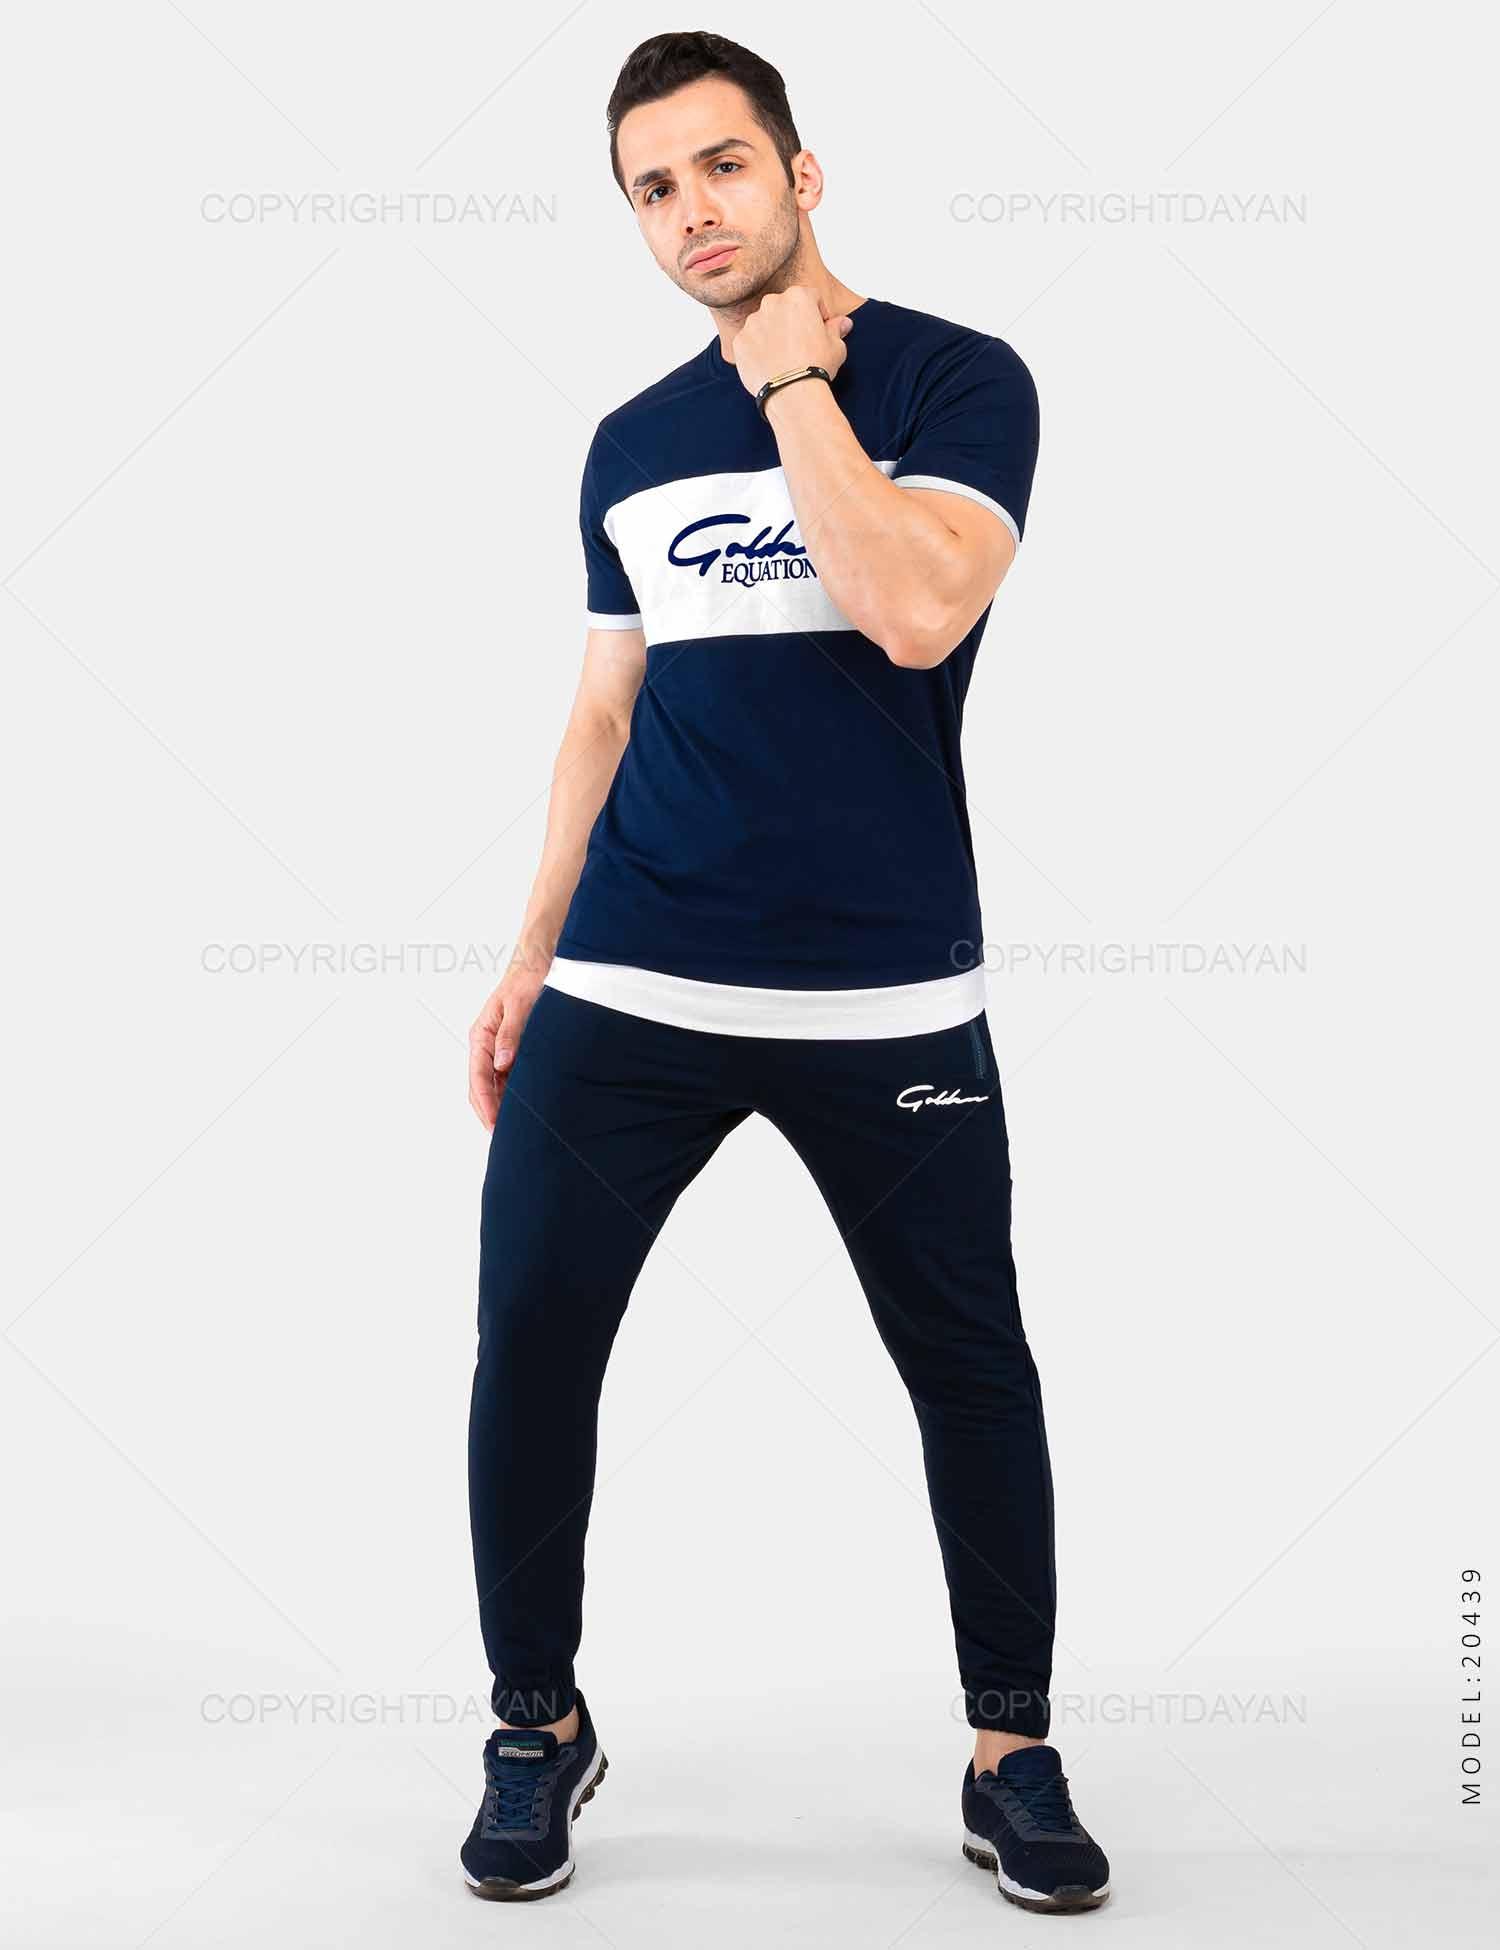 ست تیشرت و شلوار مردانه Batis مدل 20439